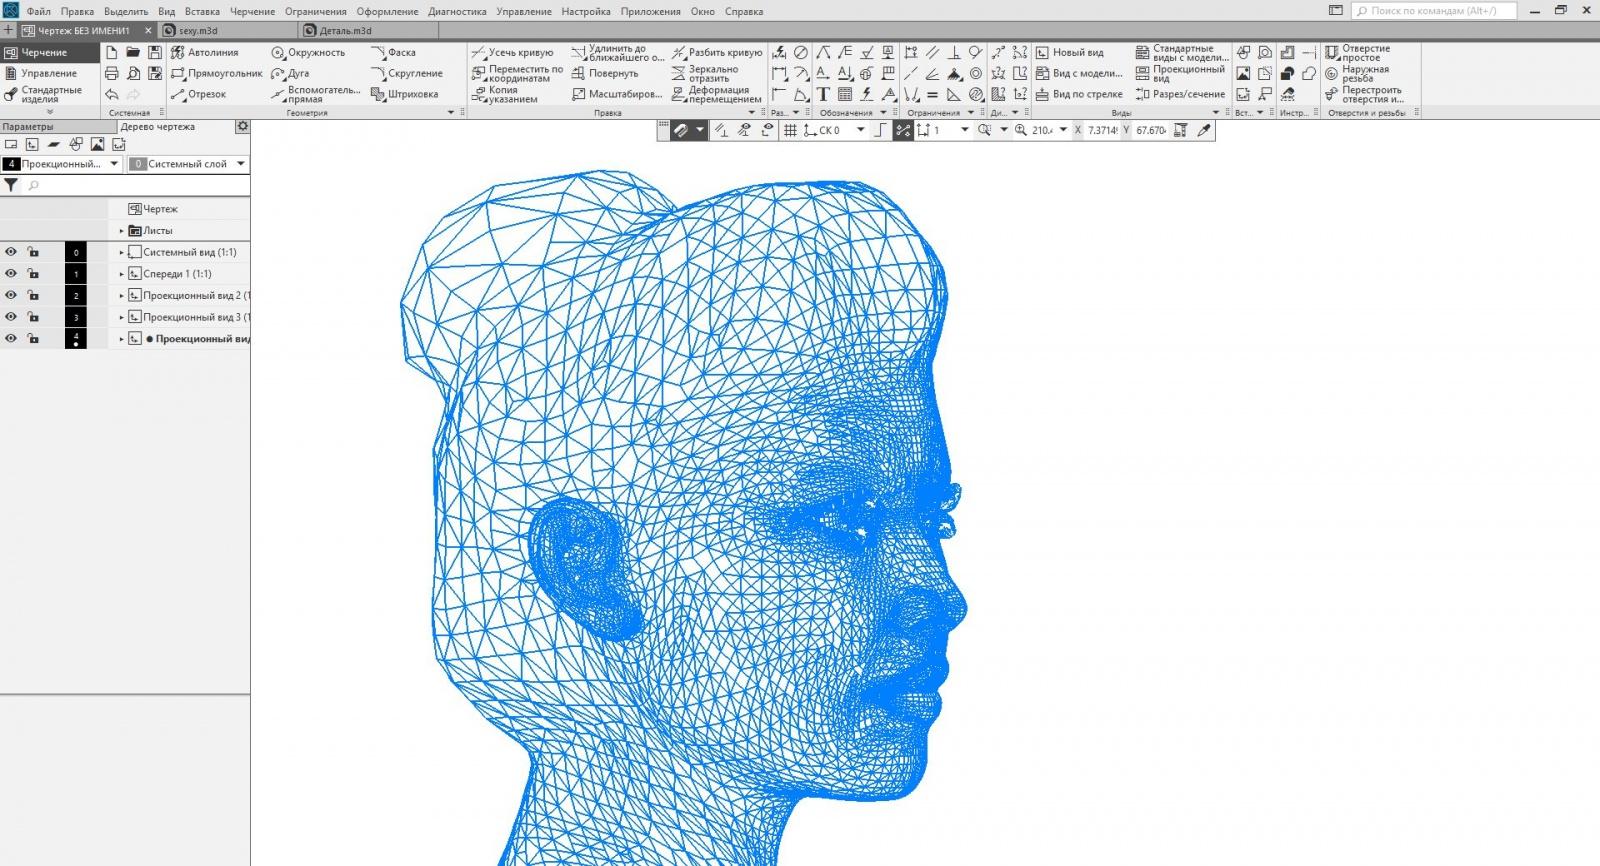 Как математическая библиотека КОМПАС-3D превратилась в C3D Toolkit для разработчиков САПР → часть 1 - 8